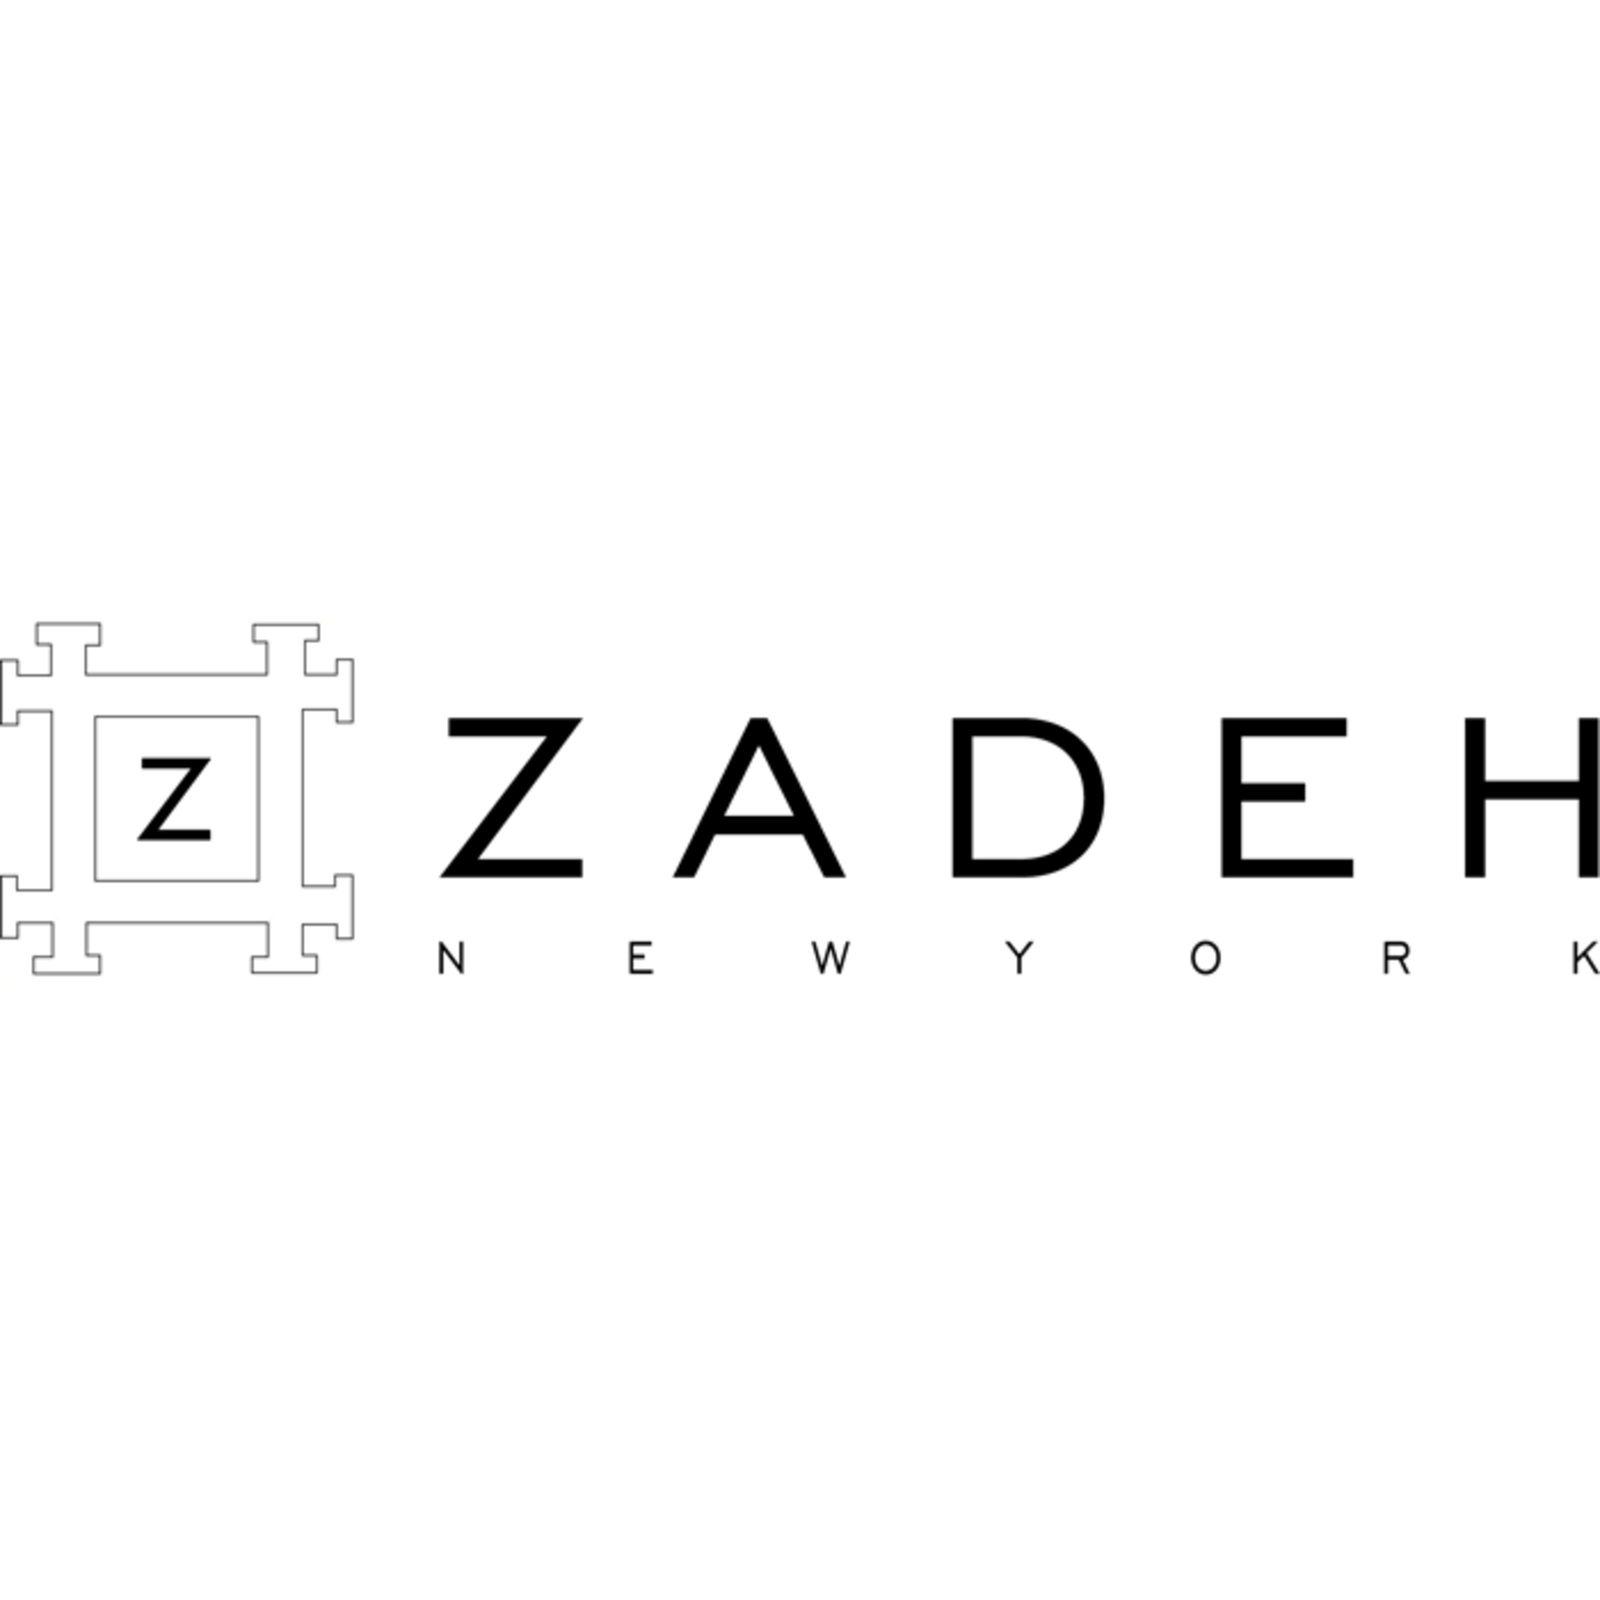 ZADEH